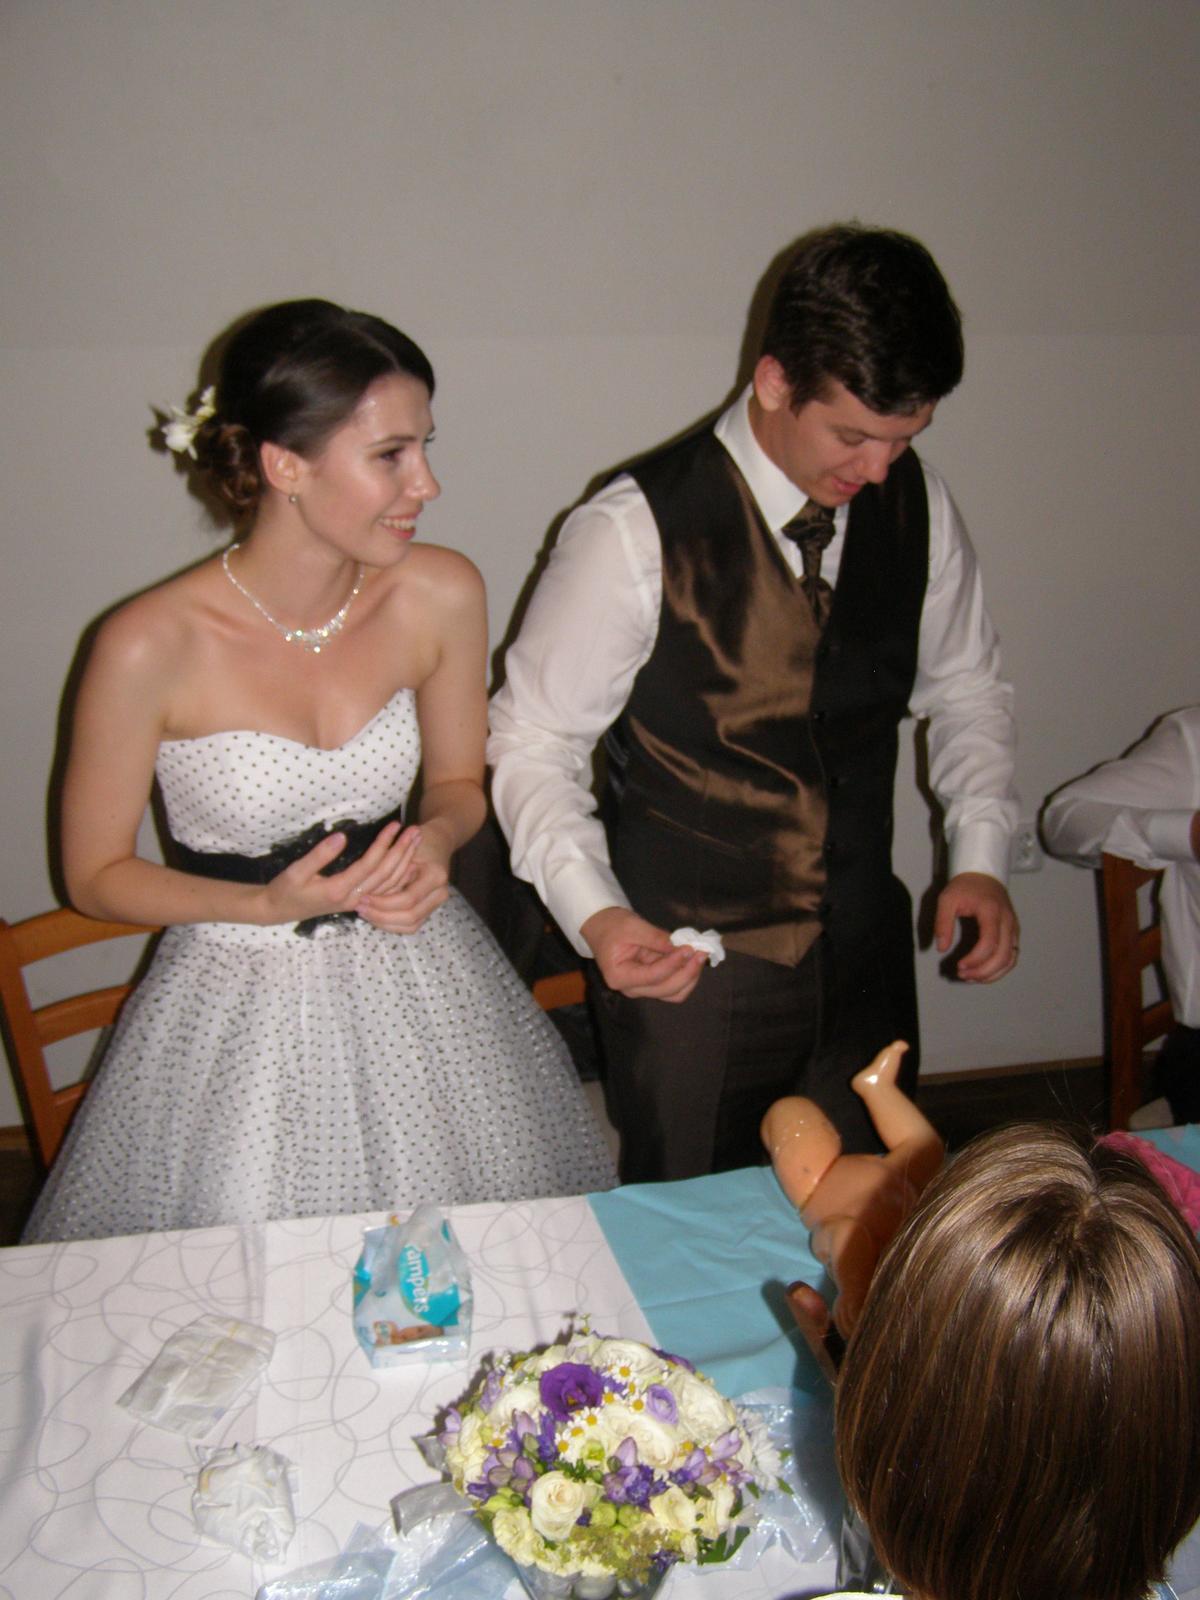 Pivovar Podlesí - svatba 2.9.2016 - .........zajímavý úkol.............